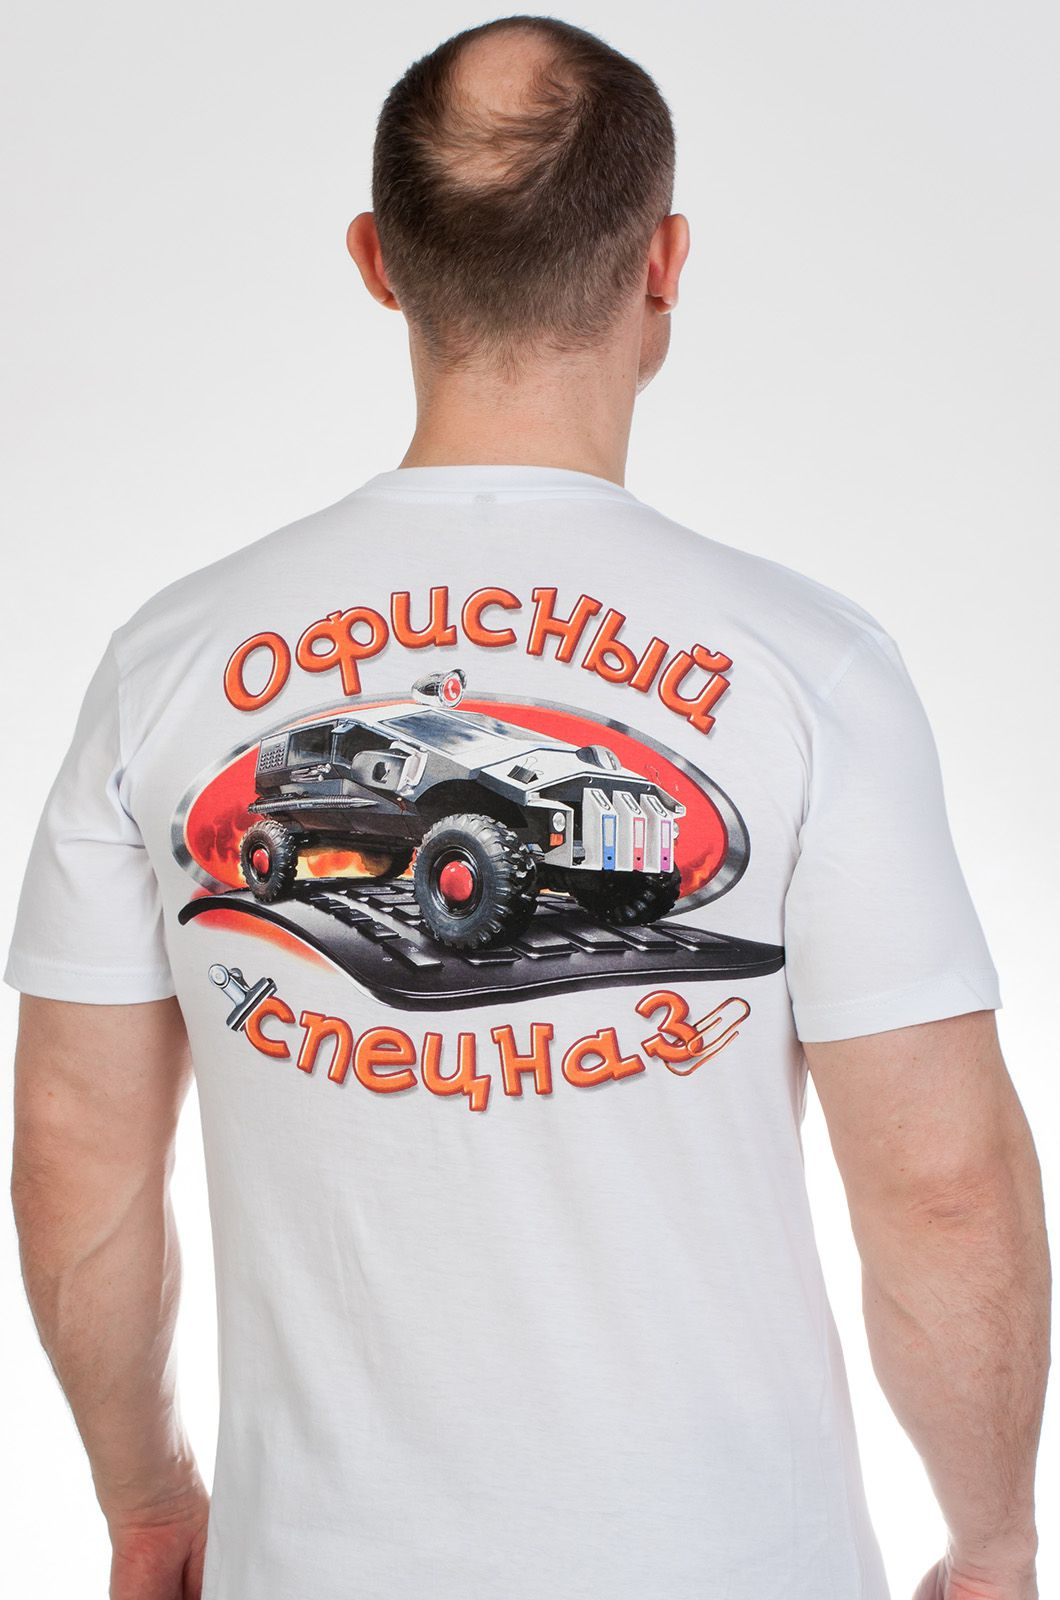 Купить футболки Офисный  спецназ